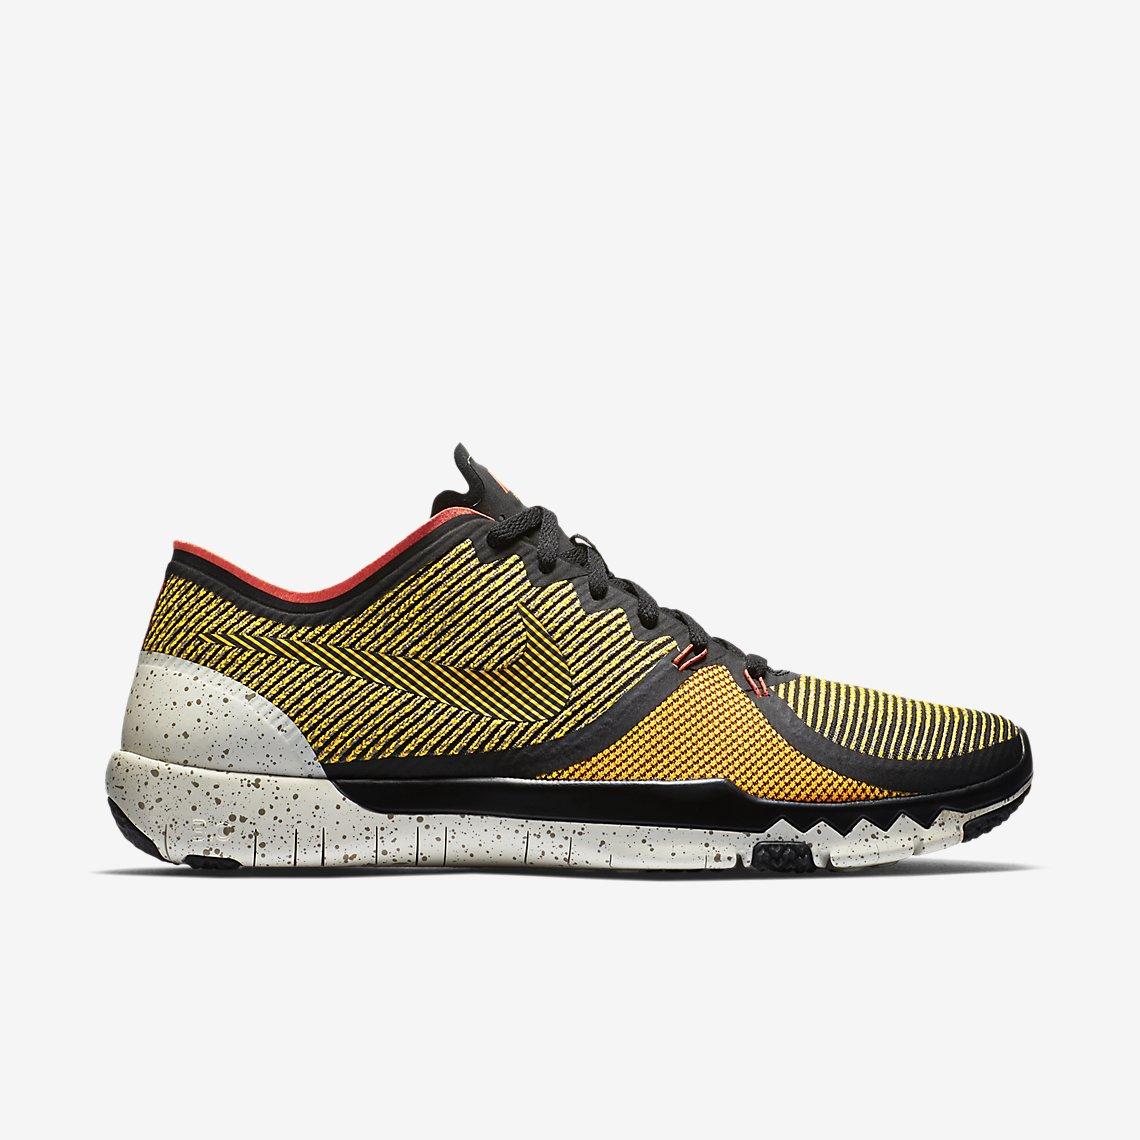 Very Goods | Nike Free Trainer 3.0 V4 Men's Training Shoe